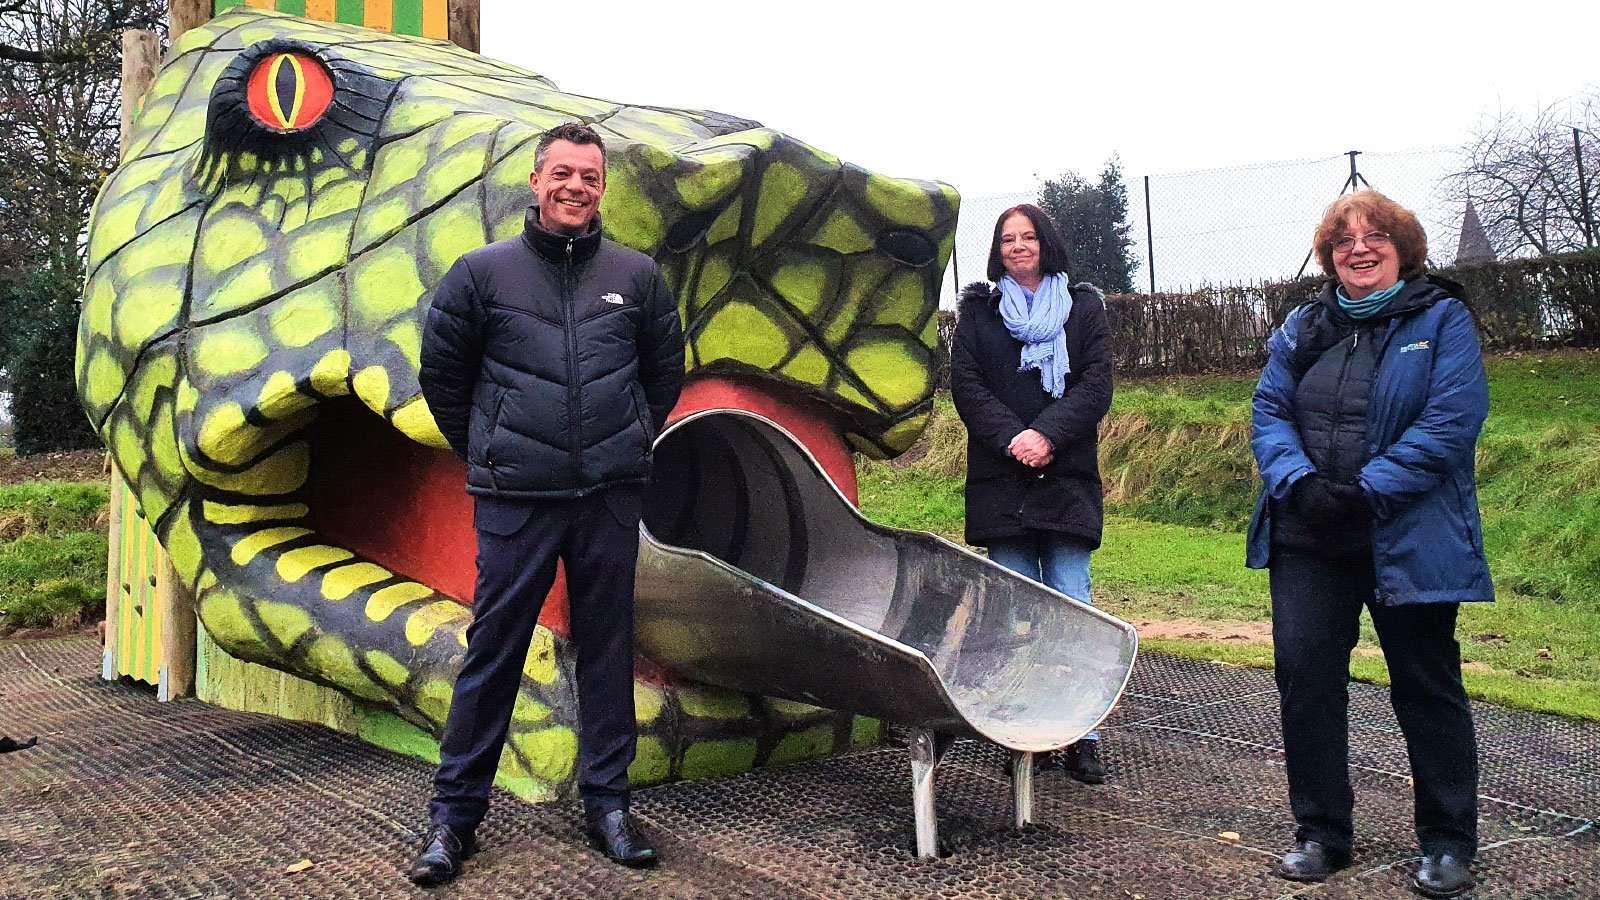 Hillsborough Park's new Snake Slide